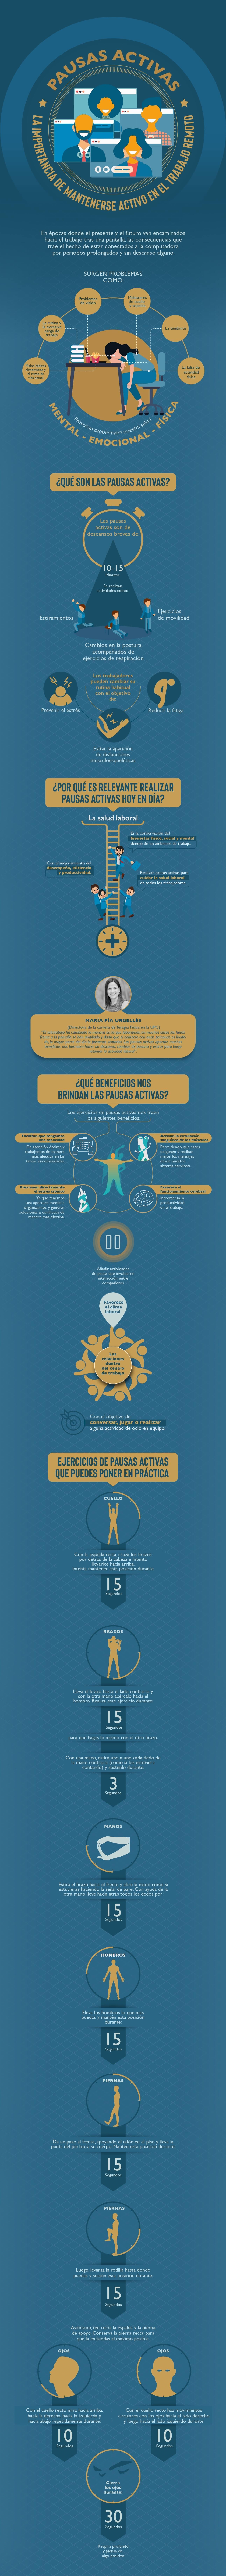 Pausas activas - Importancia del movimiento - Infografía